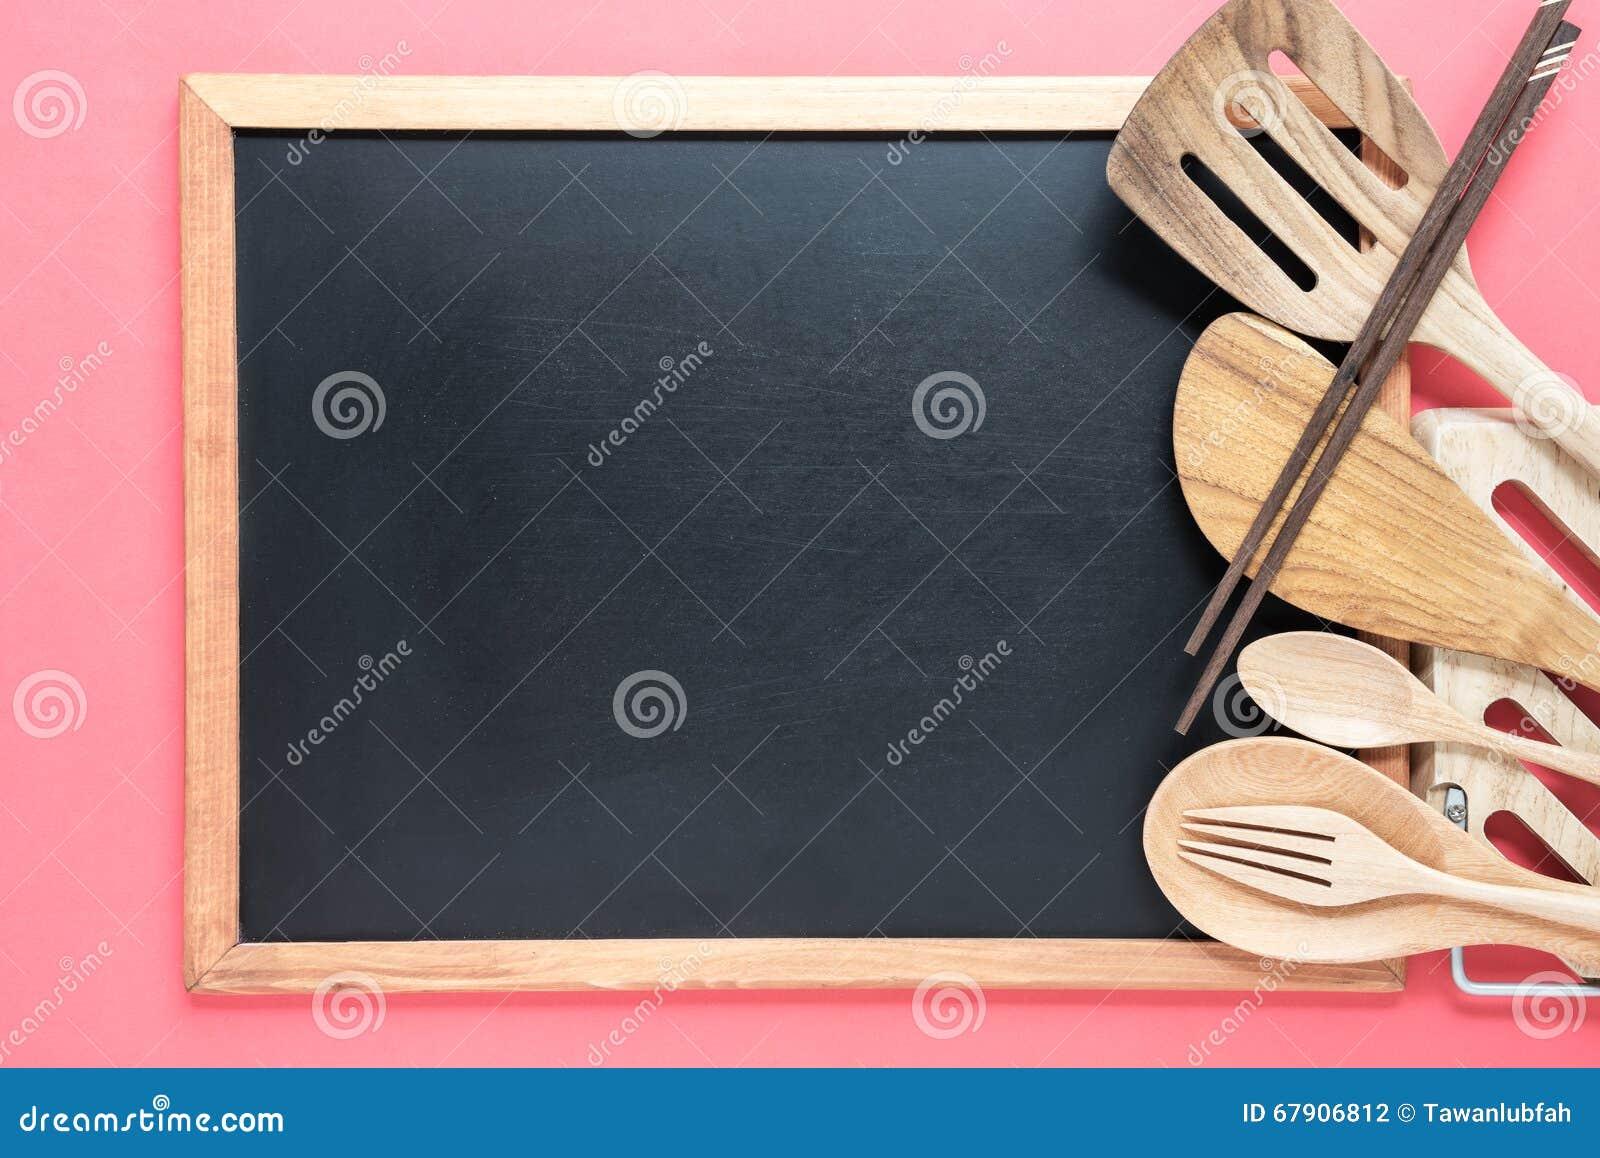 Retro Kühlschrank Rosa : Retro küchengeräte mit leerer tafel auf rosa hintergrund